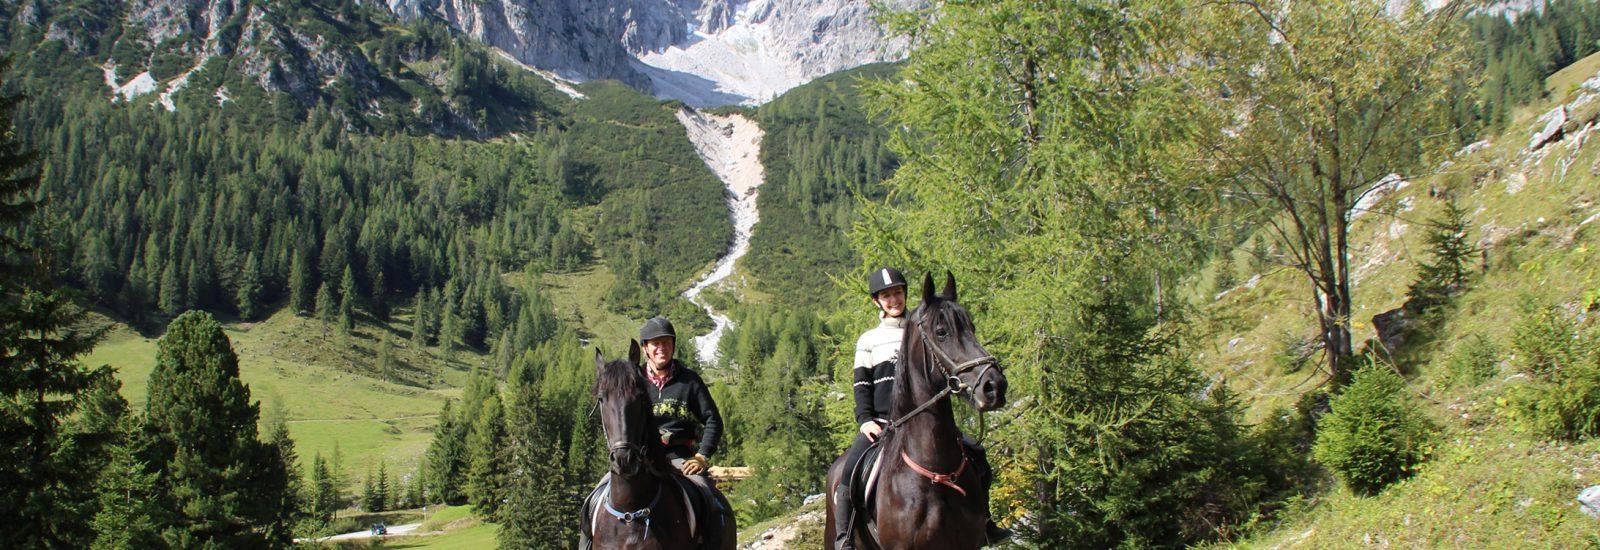 Bergewandern mit Pferd am Fuße der Bischofsmütze